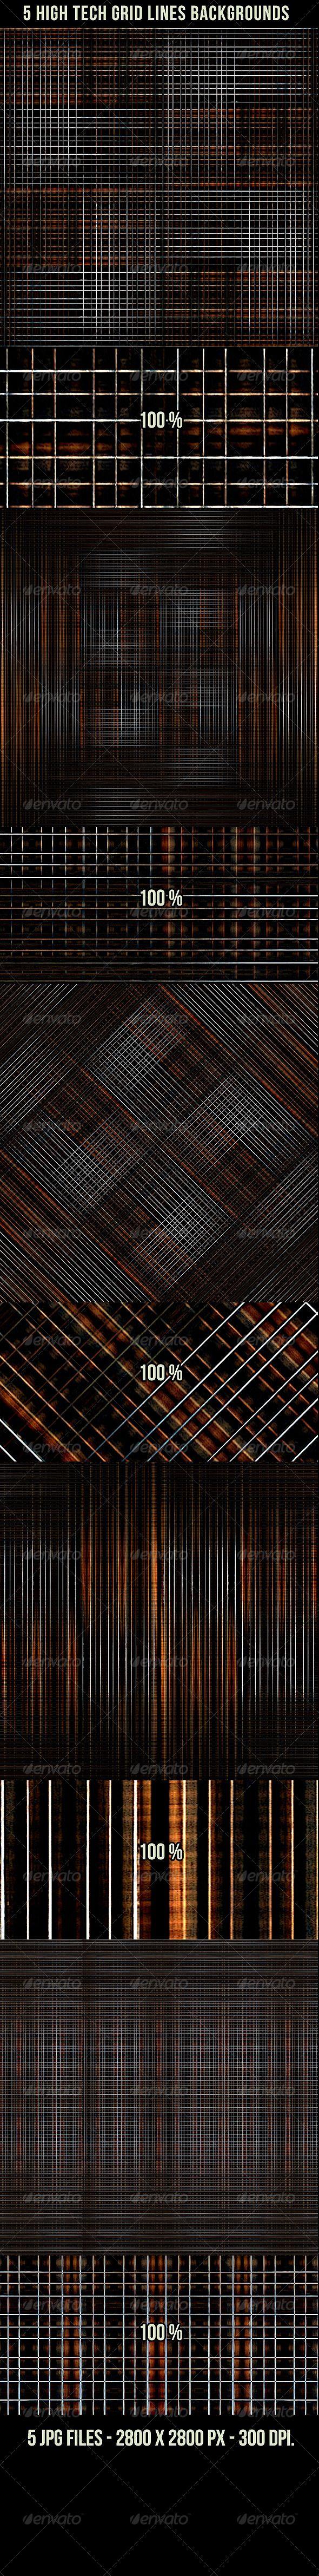 5 high tech grid lines backgrounds technology high tech